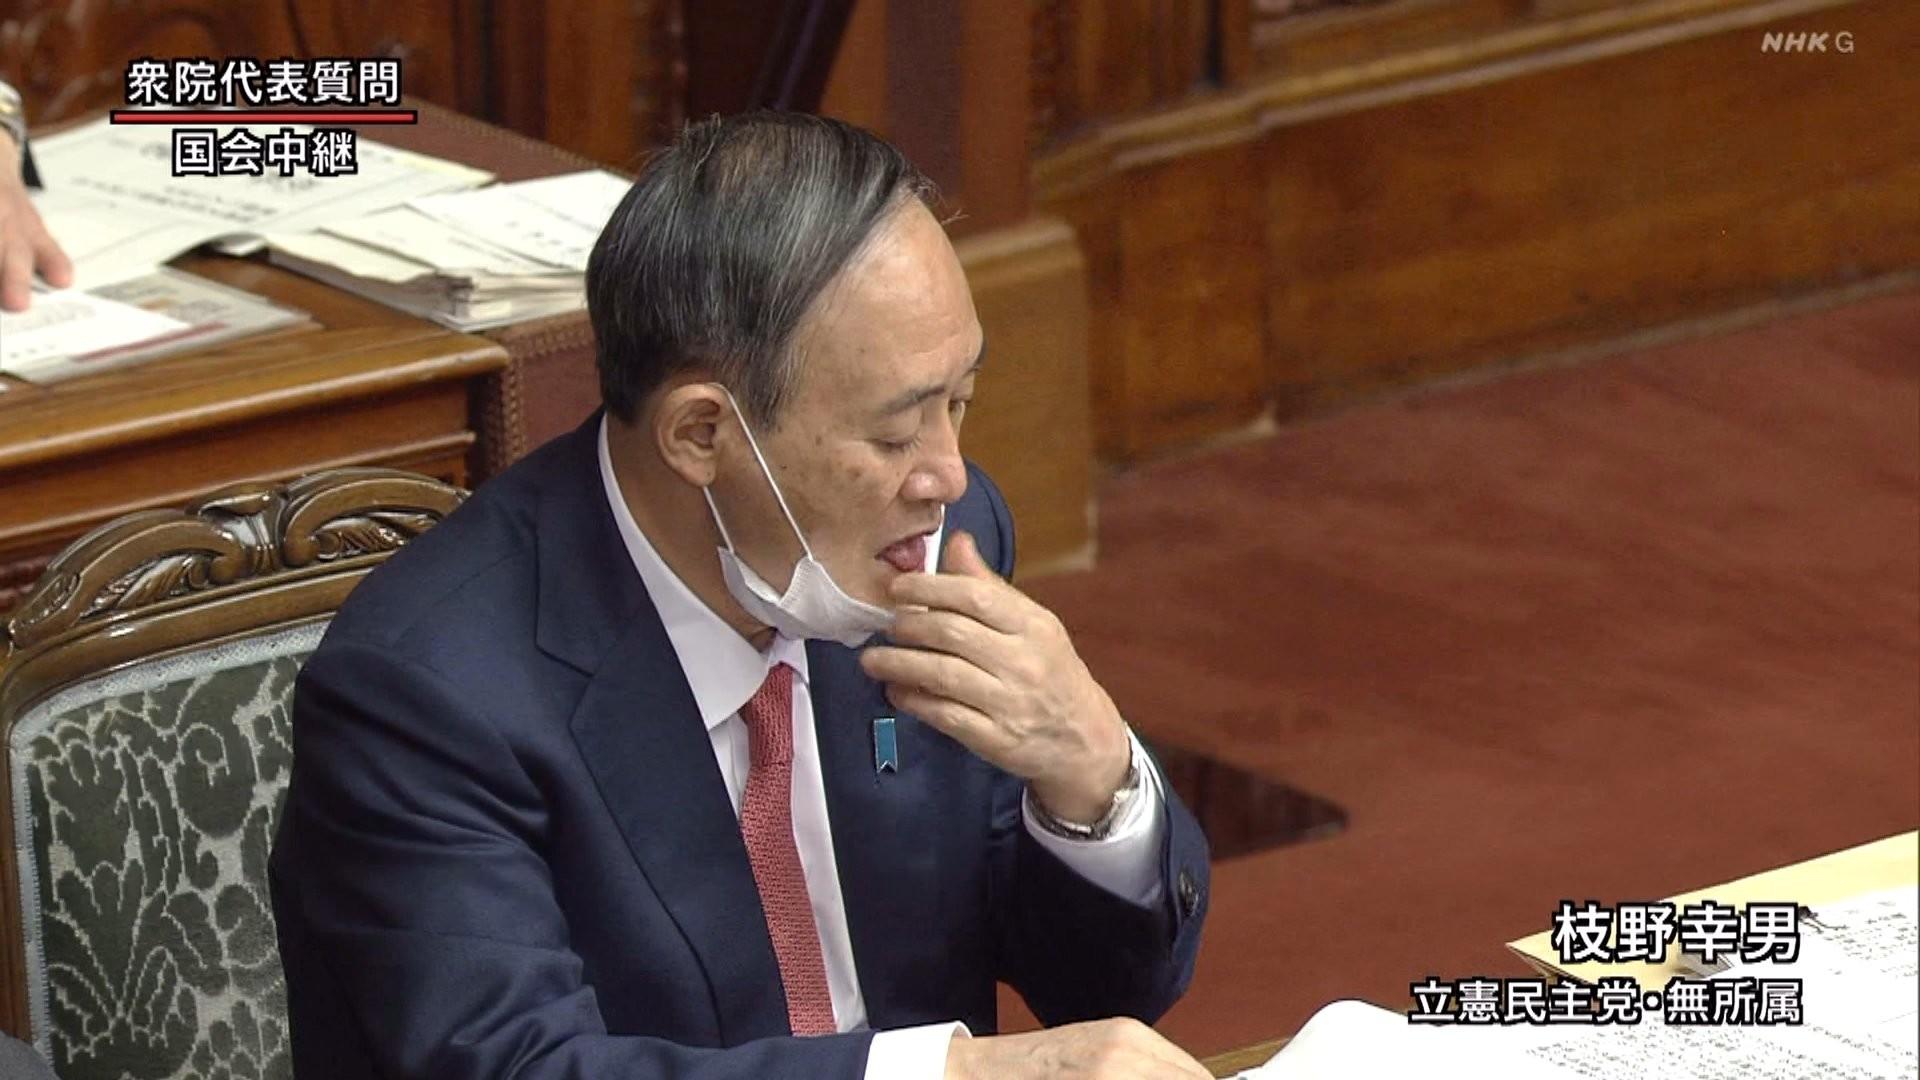 【スダレ悲報】菅総理、鼻出しマスクで指をペロリしてハゲ頭に手を添える(画像あり)